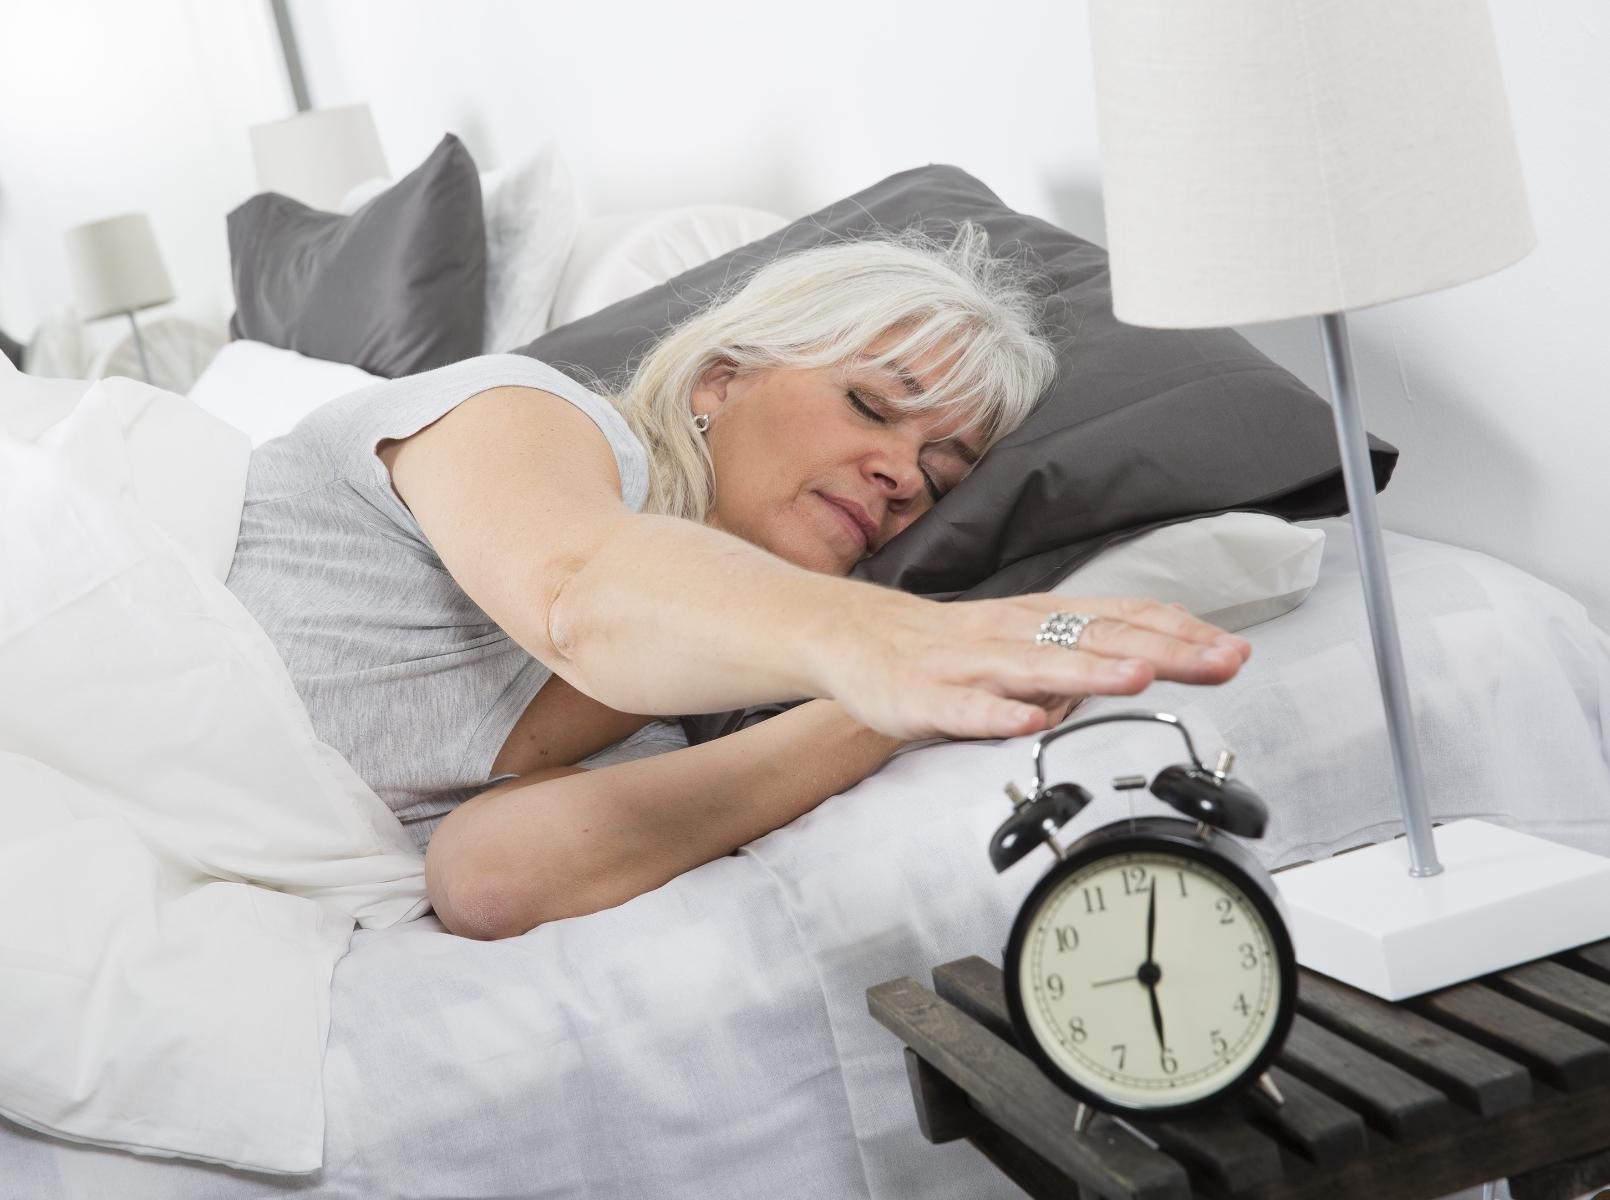 Trøtt kvinne slumrer vekkerklokka